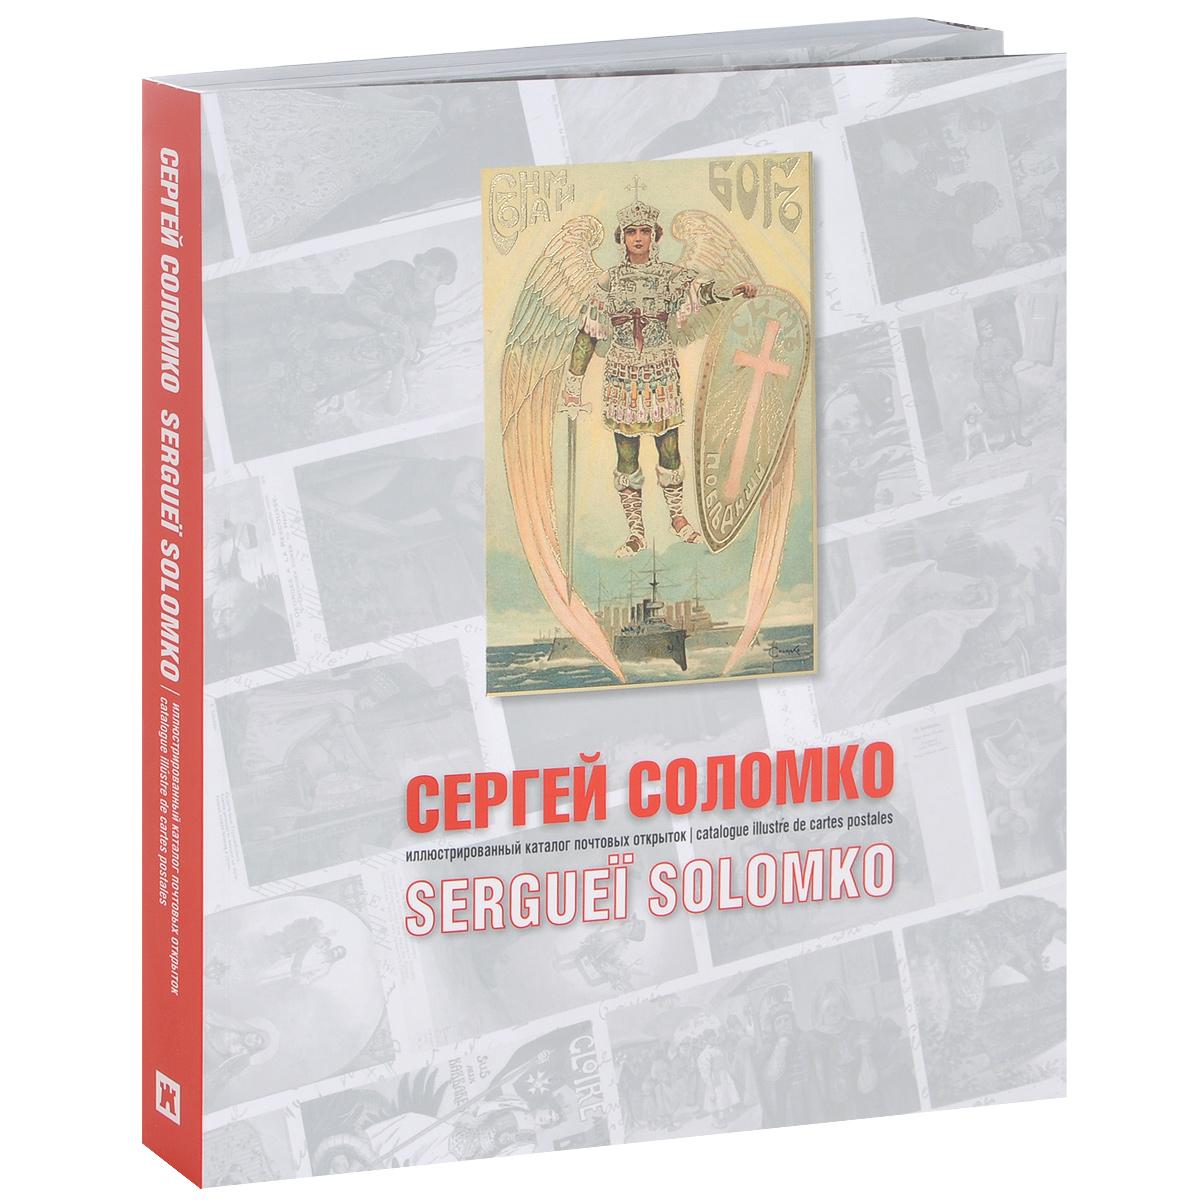 Издательство ришар иллюстрированный каталог почтовых открыток